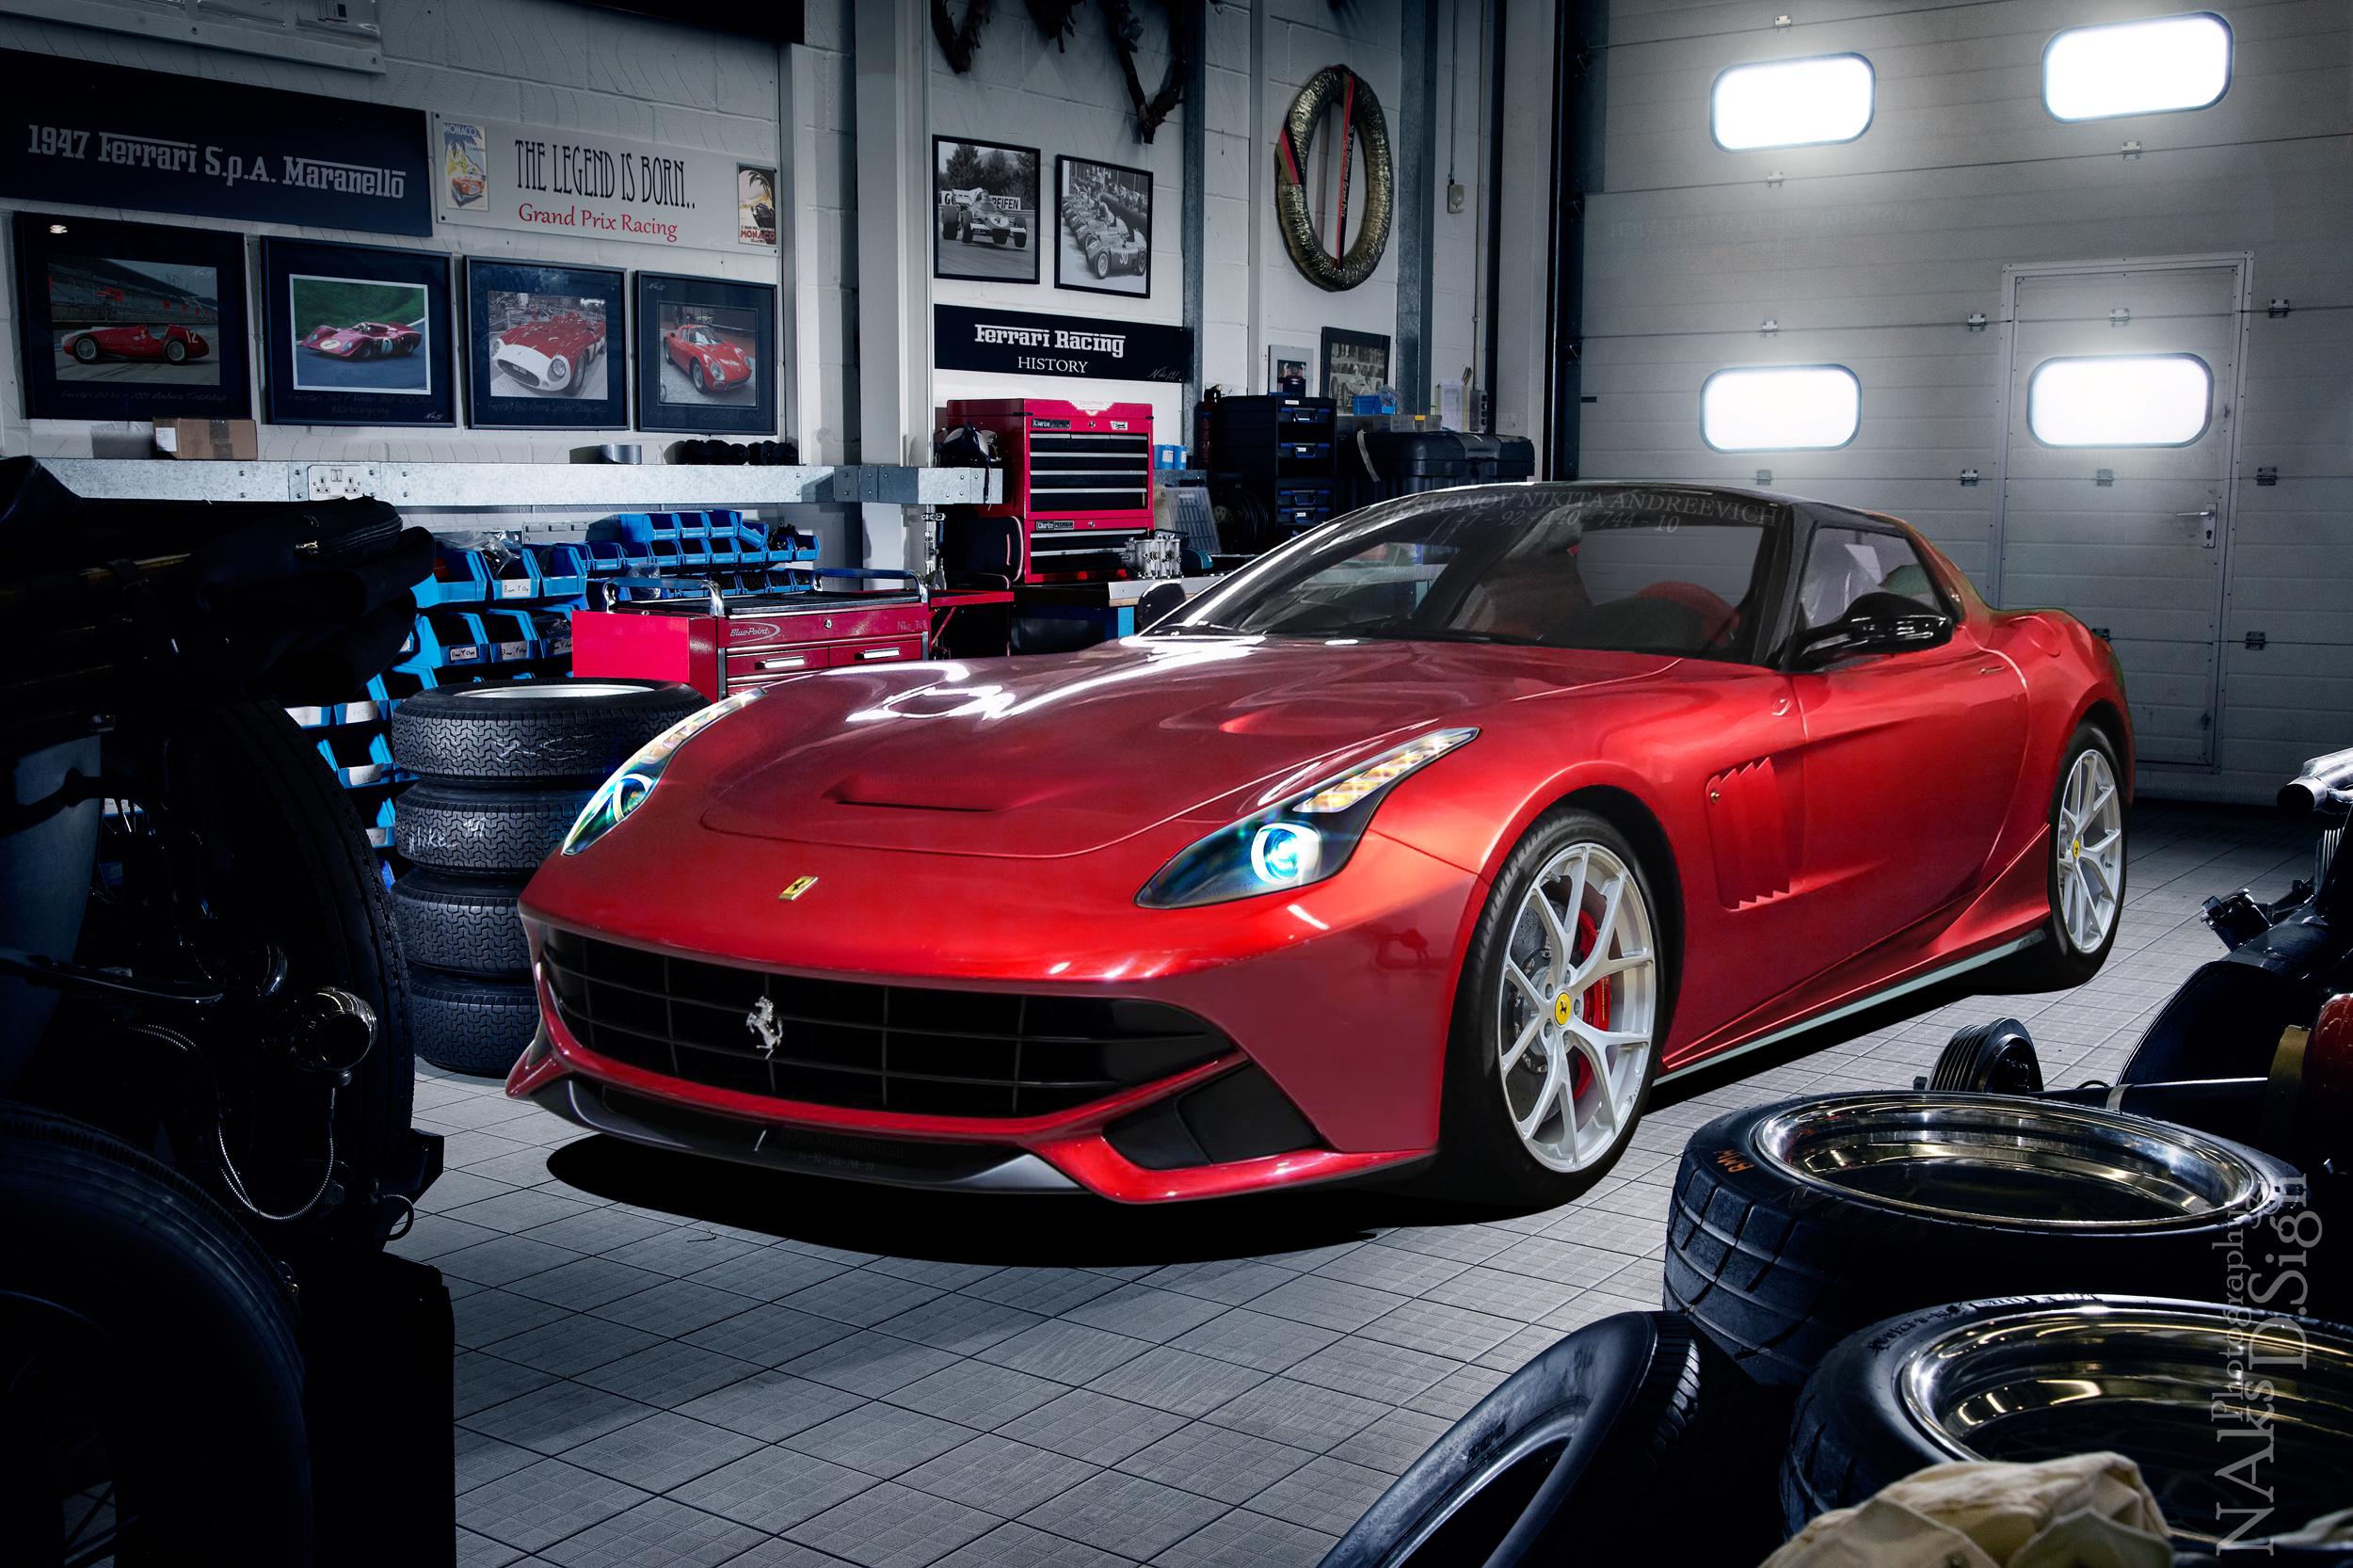 fond d 39 cran auto rose bleu rouge italie cheval orange blanc noir couleur vert. Black Bedroom Furniture Sets. Home Design Ideas